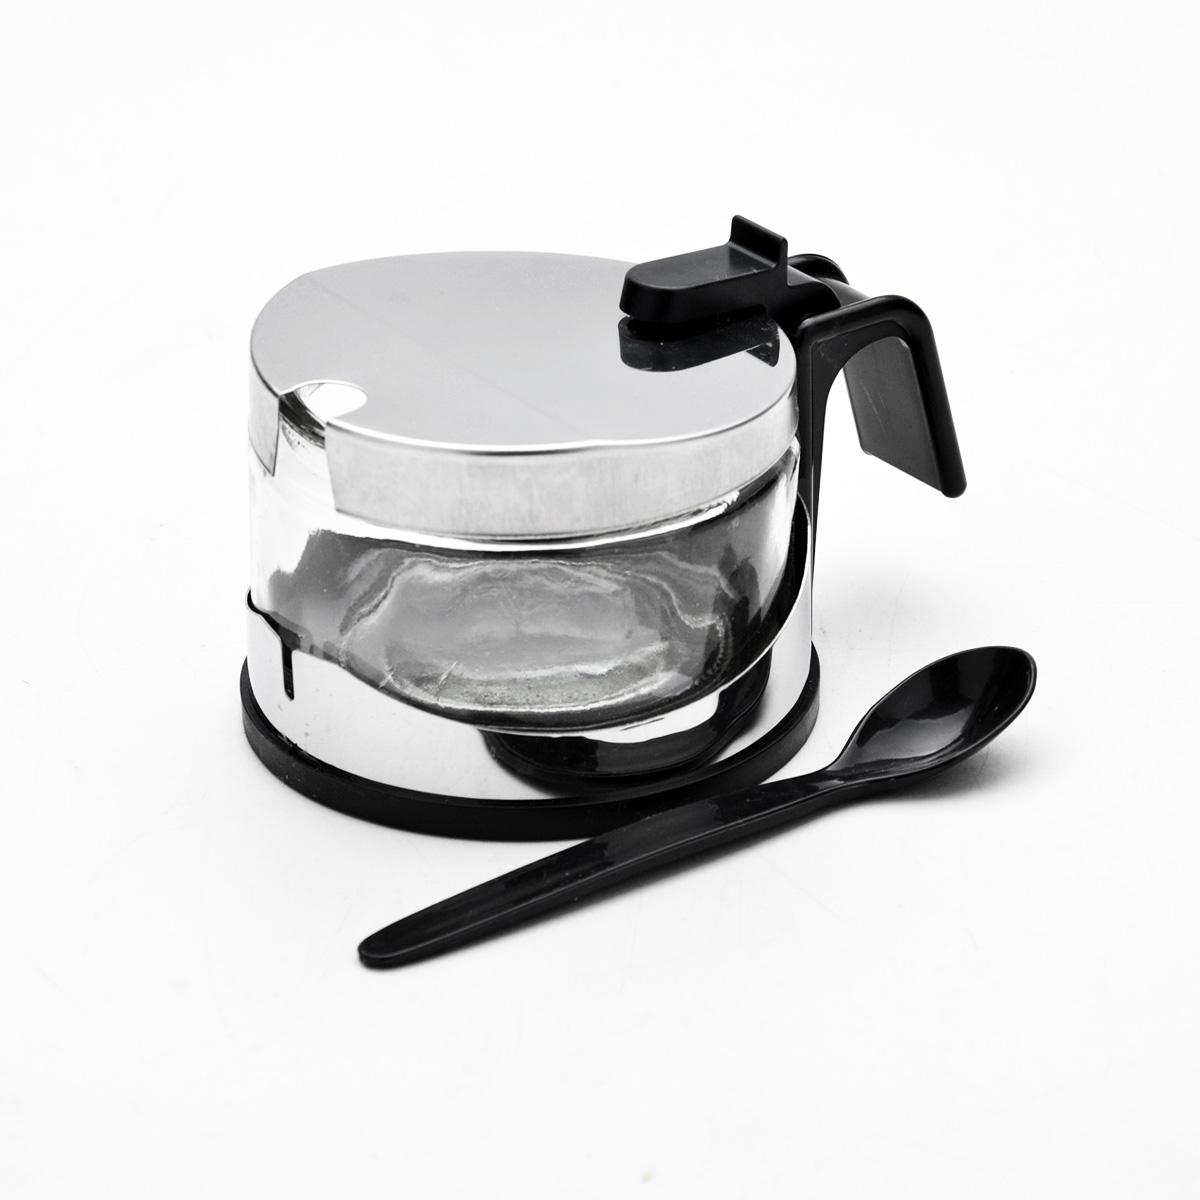 Сахарница Mayer & Boch, с ложечкой, 255 мл115510Сахарница Mayer & Boch изготовлена из высококачественной нержавеющей стали и стекла. Изделие оснащено крышкой с прорезью. В комплекте - специальная пластиковая ложечка. Сахарница имеет эффектный современный дизайн, поэтому будет выгодно смотреться на любой кухне. Стеклянная чаша легко вынимается из металлической подставки, поэтому изделие легко моется. Объем: 255 мл. Диаметр сахарницы по верхнему краю: 8,5 см. Диаметр основания: 9,5 см. Высота сахарницы (с учетом крышки): 7 см. Длина ложечки: 10 см.